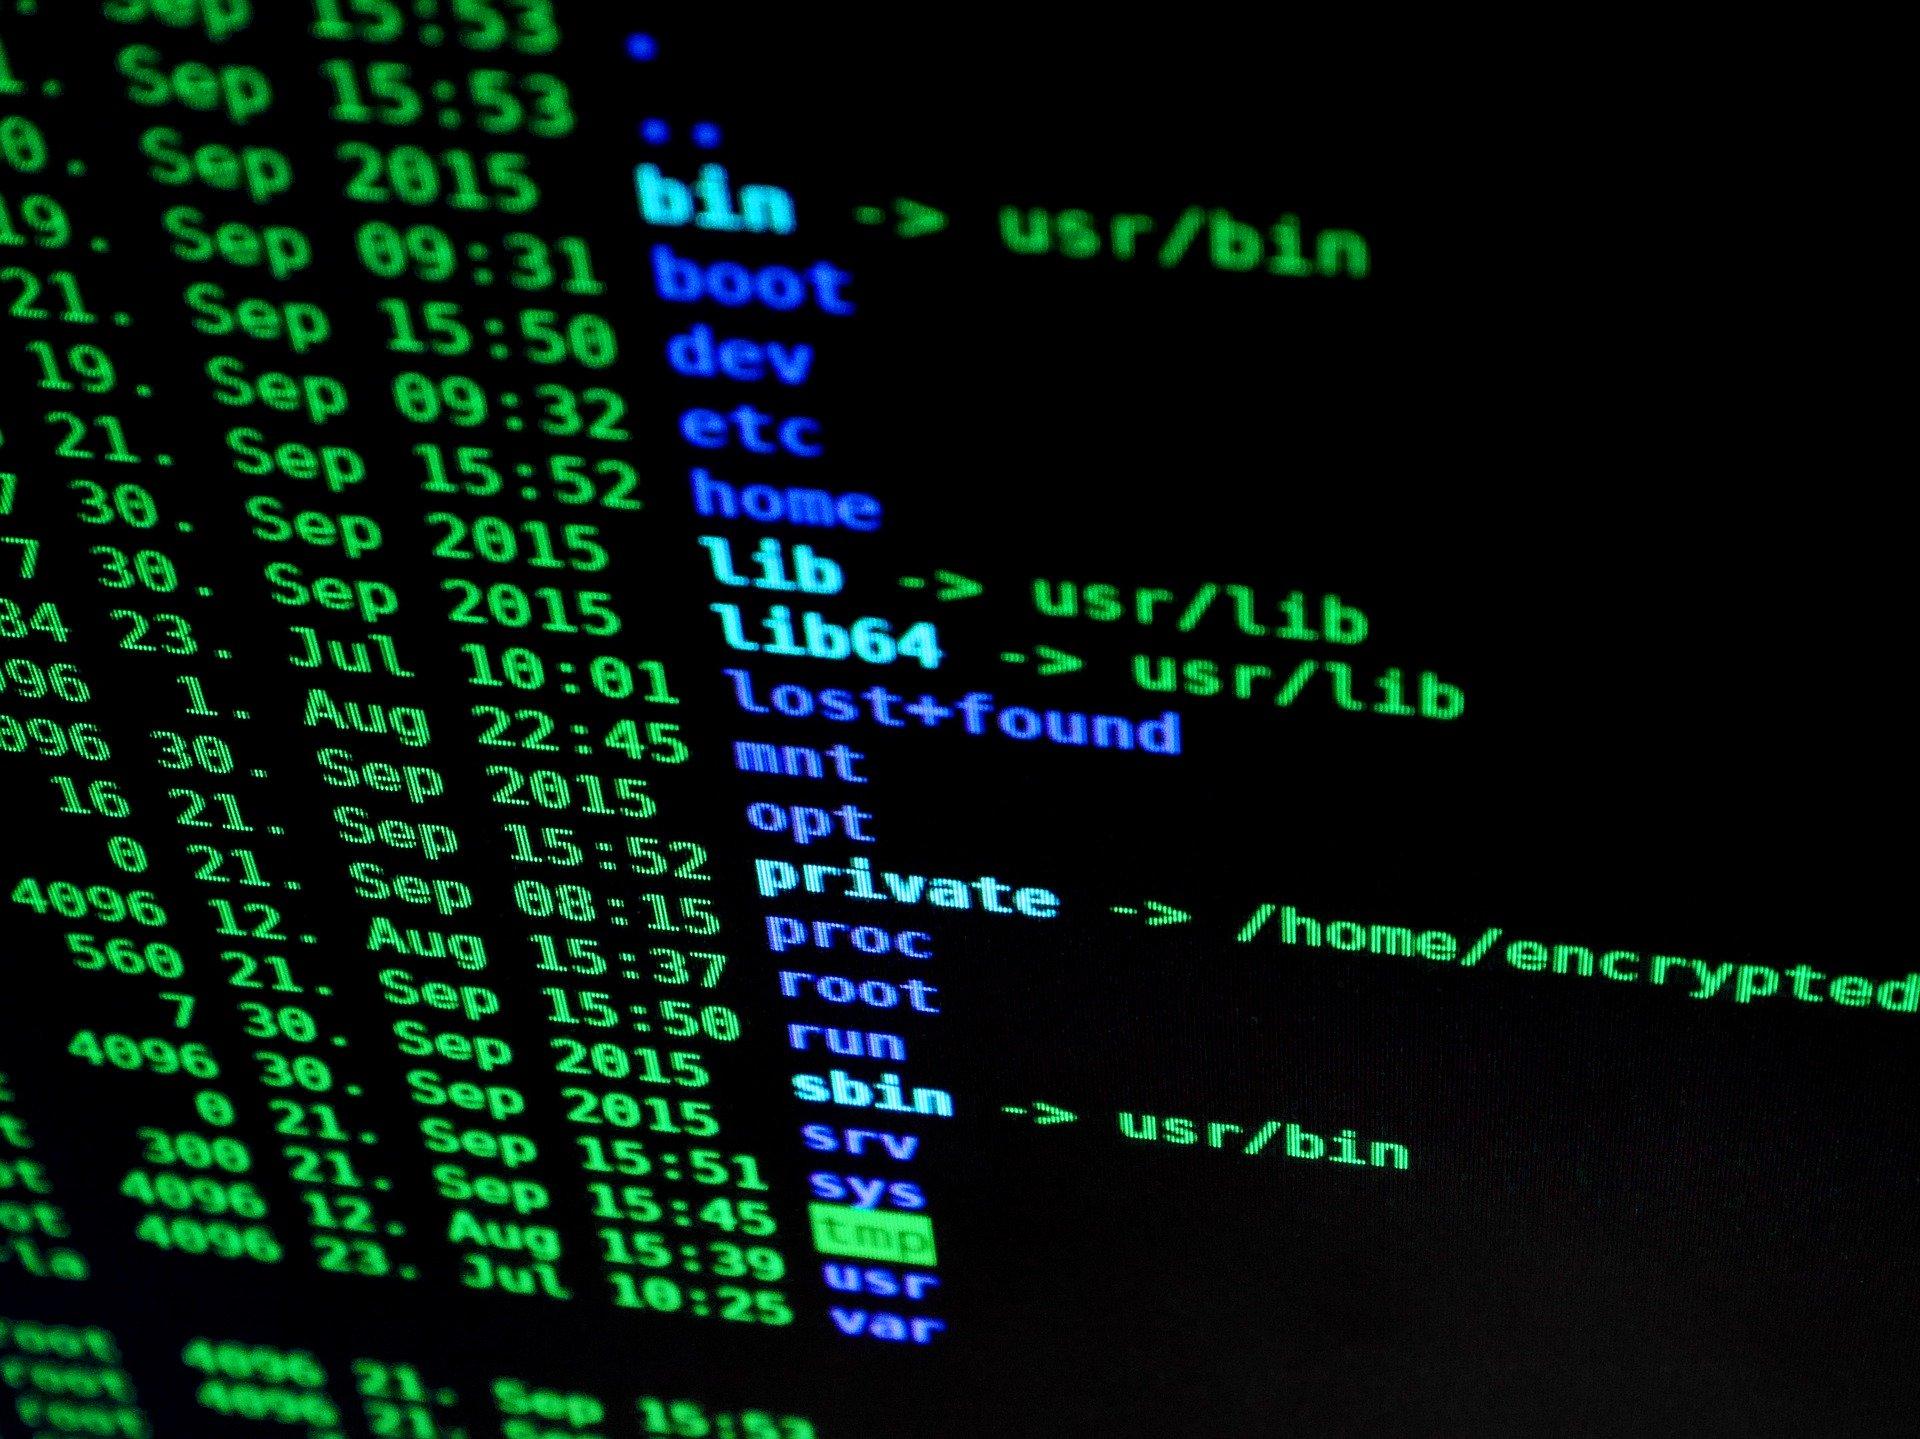 Setmana especial del Hacking i la seguretat informàtica